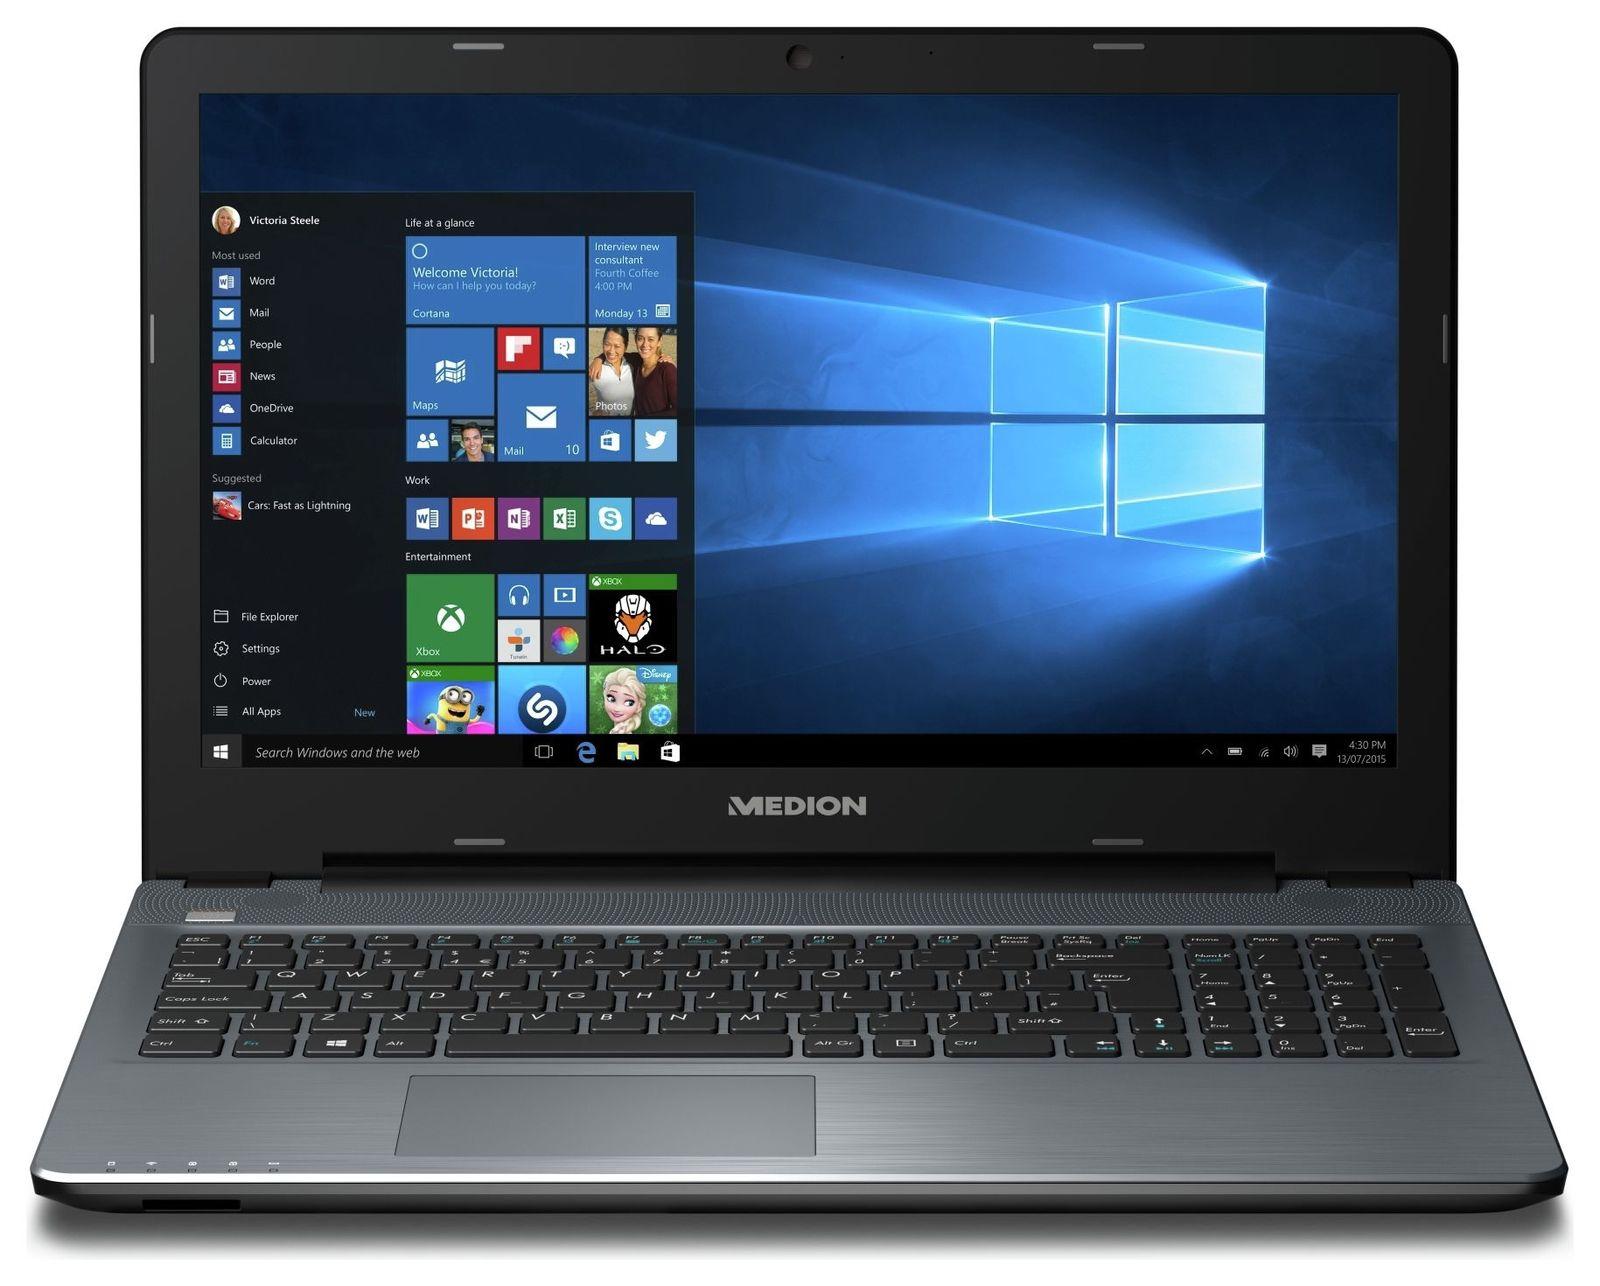 Medion Akoya P6667 15.6 Inch Intel Core i5 8GB 1TB Laptop. Argos Ebay Refurb A Grade £429.88